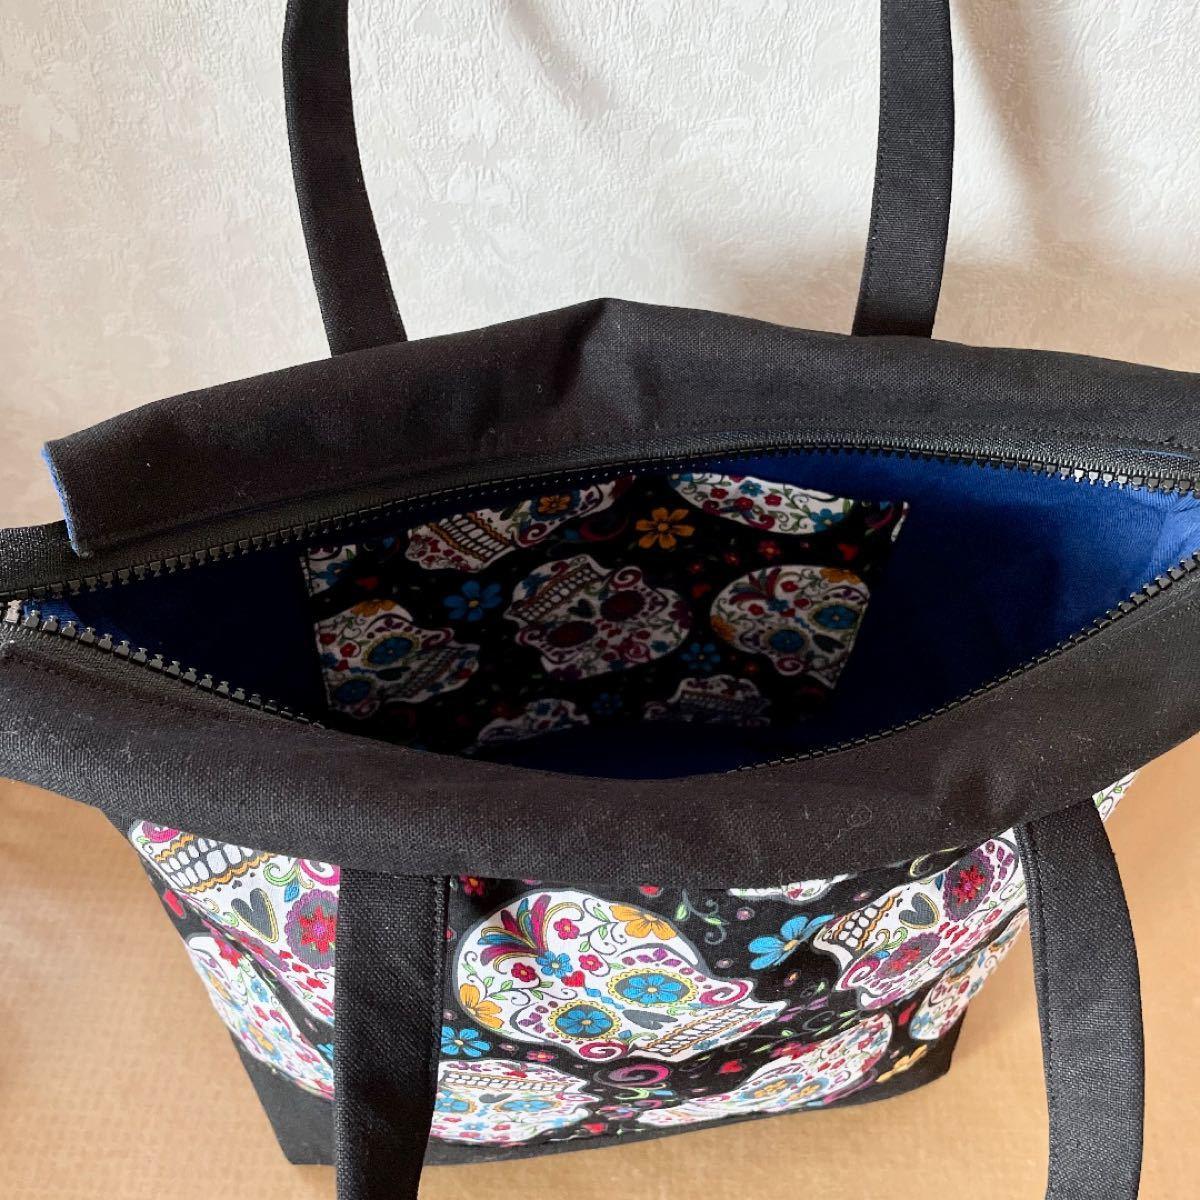 ハンドメイド バッグ トートバッグ ハンドバッグ シュガースカル メキシカン